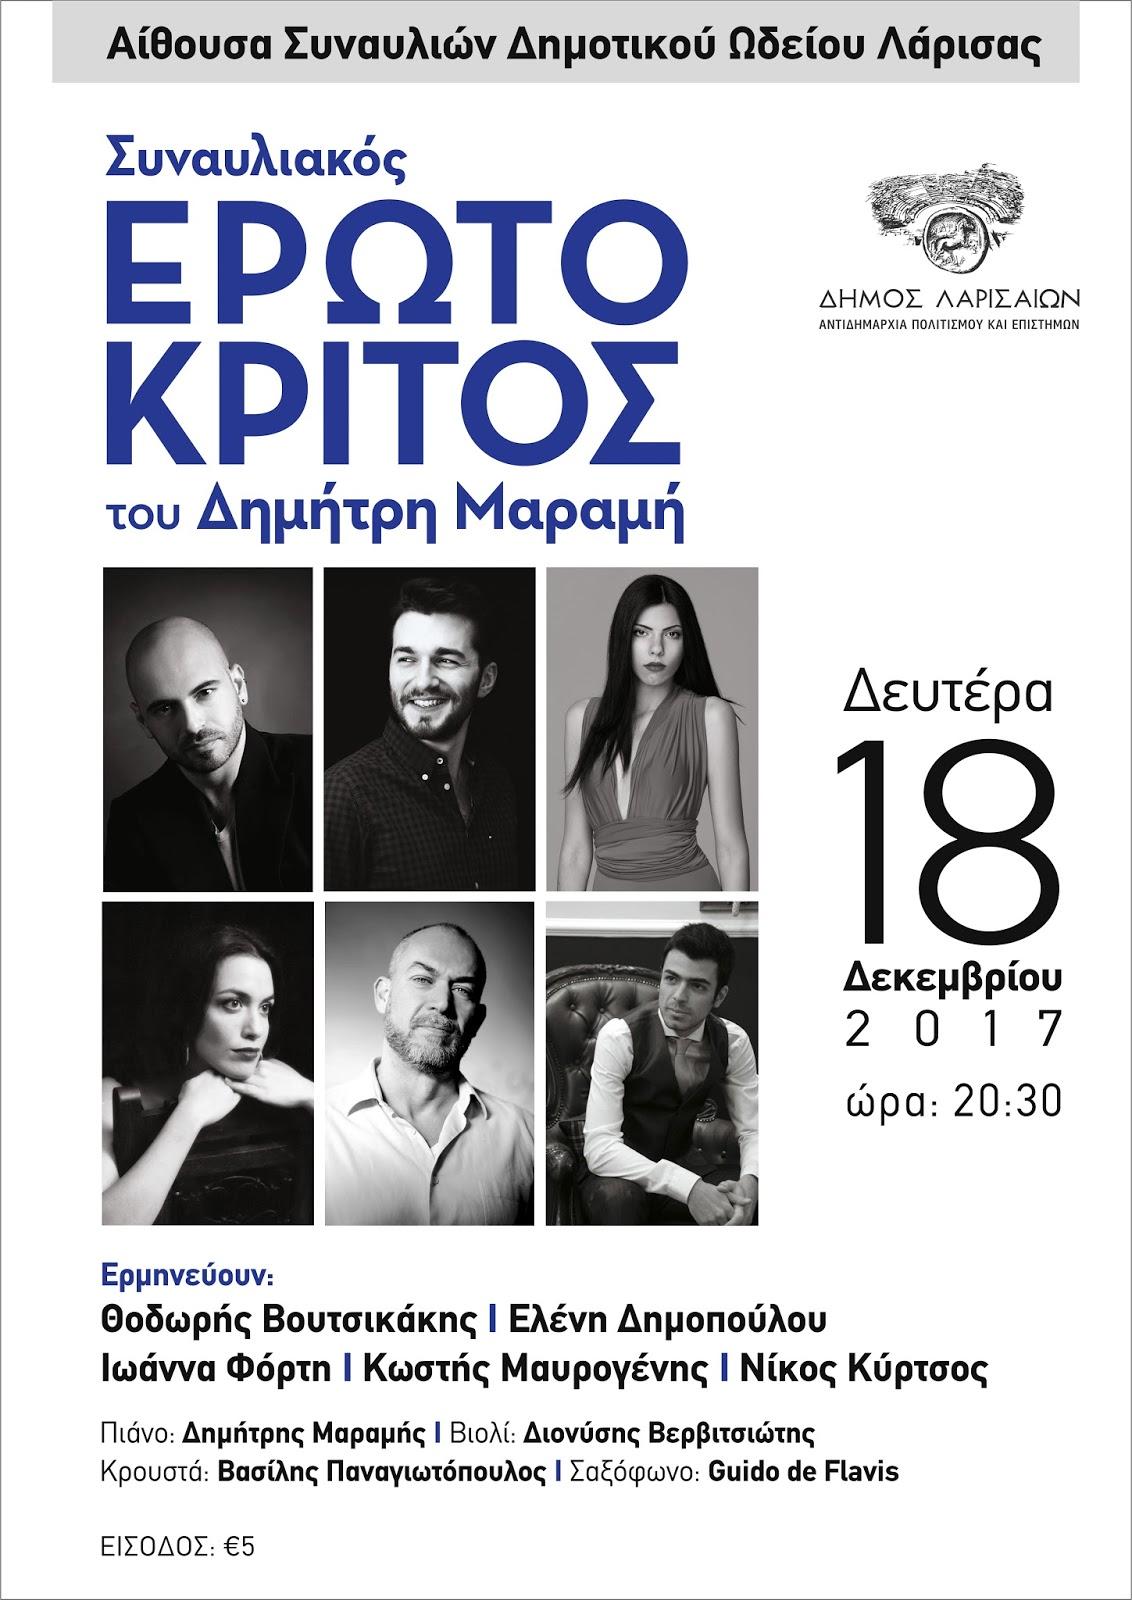 """Ένα σημαντικό καλλιτεχνικό γεγονός στη Λάρισα - Ο Συναυλιακός """"ΕΡΩΤΟΚΡΙΤΟΣ"""" του Δημήτρη Μαραμή"""